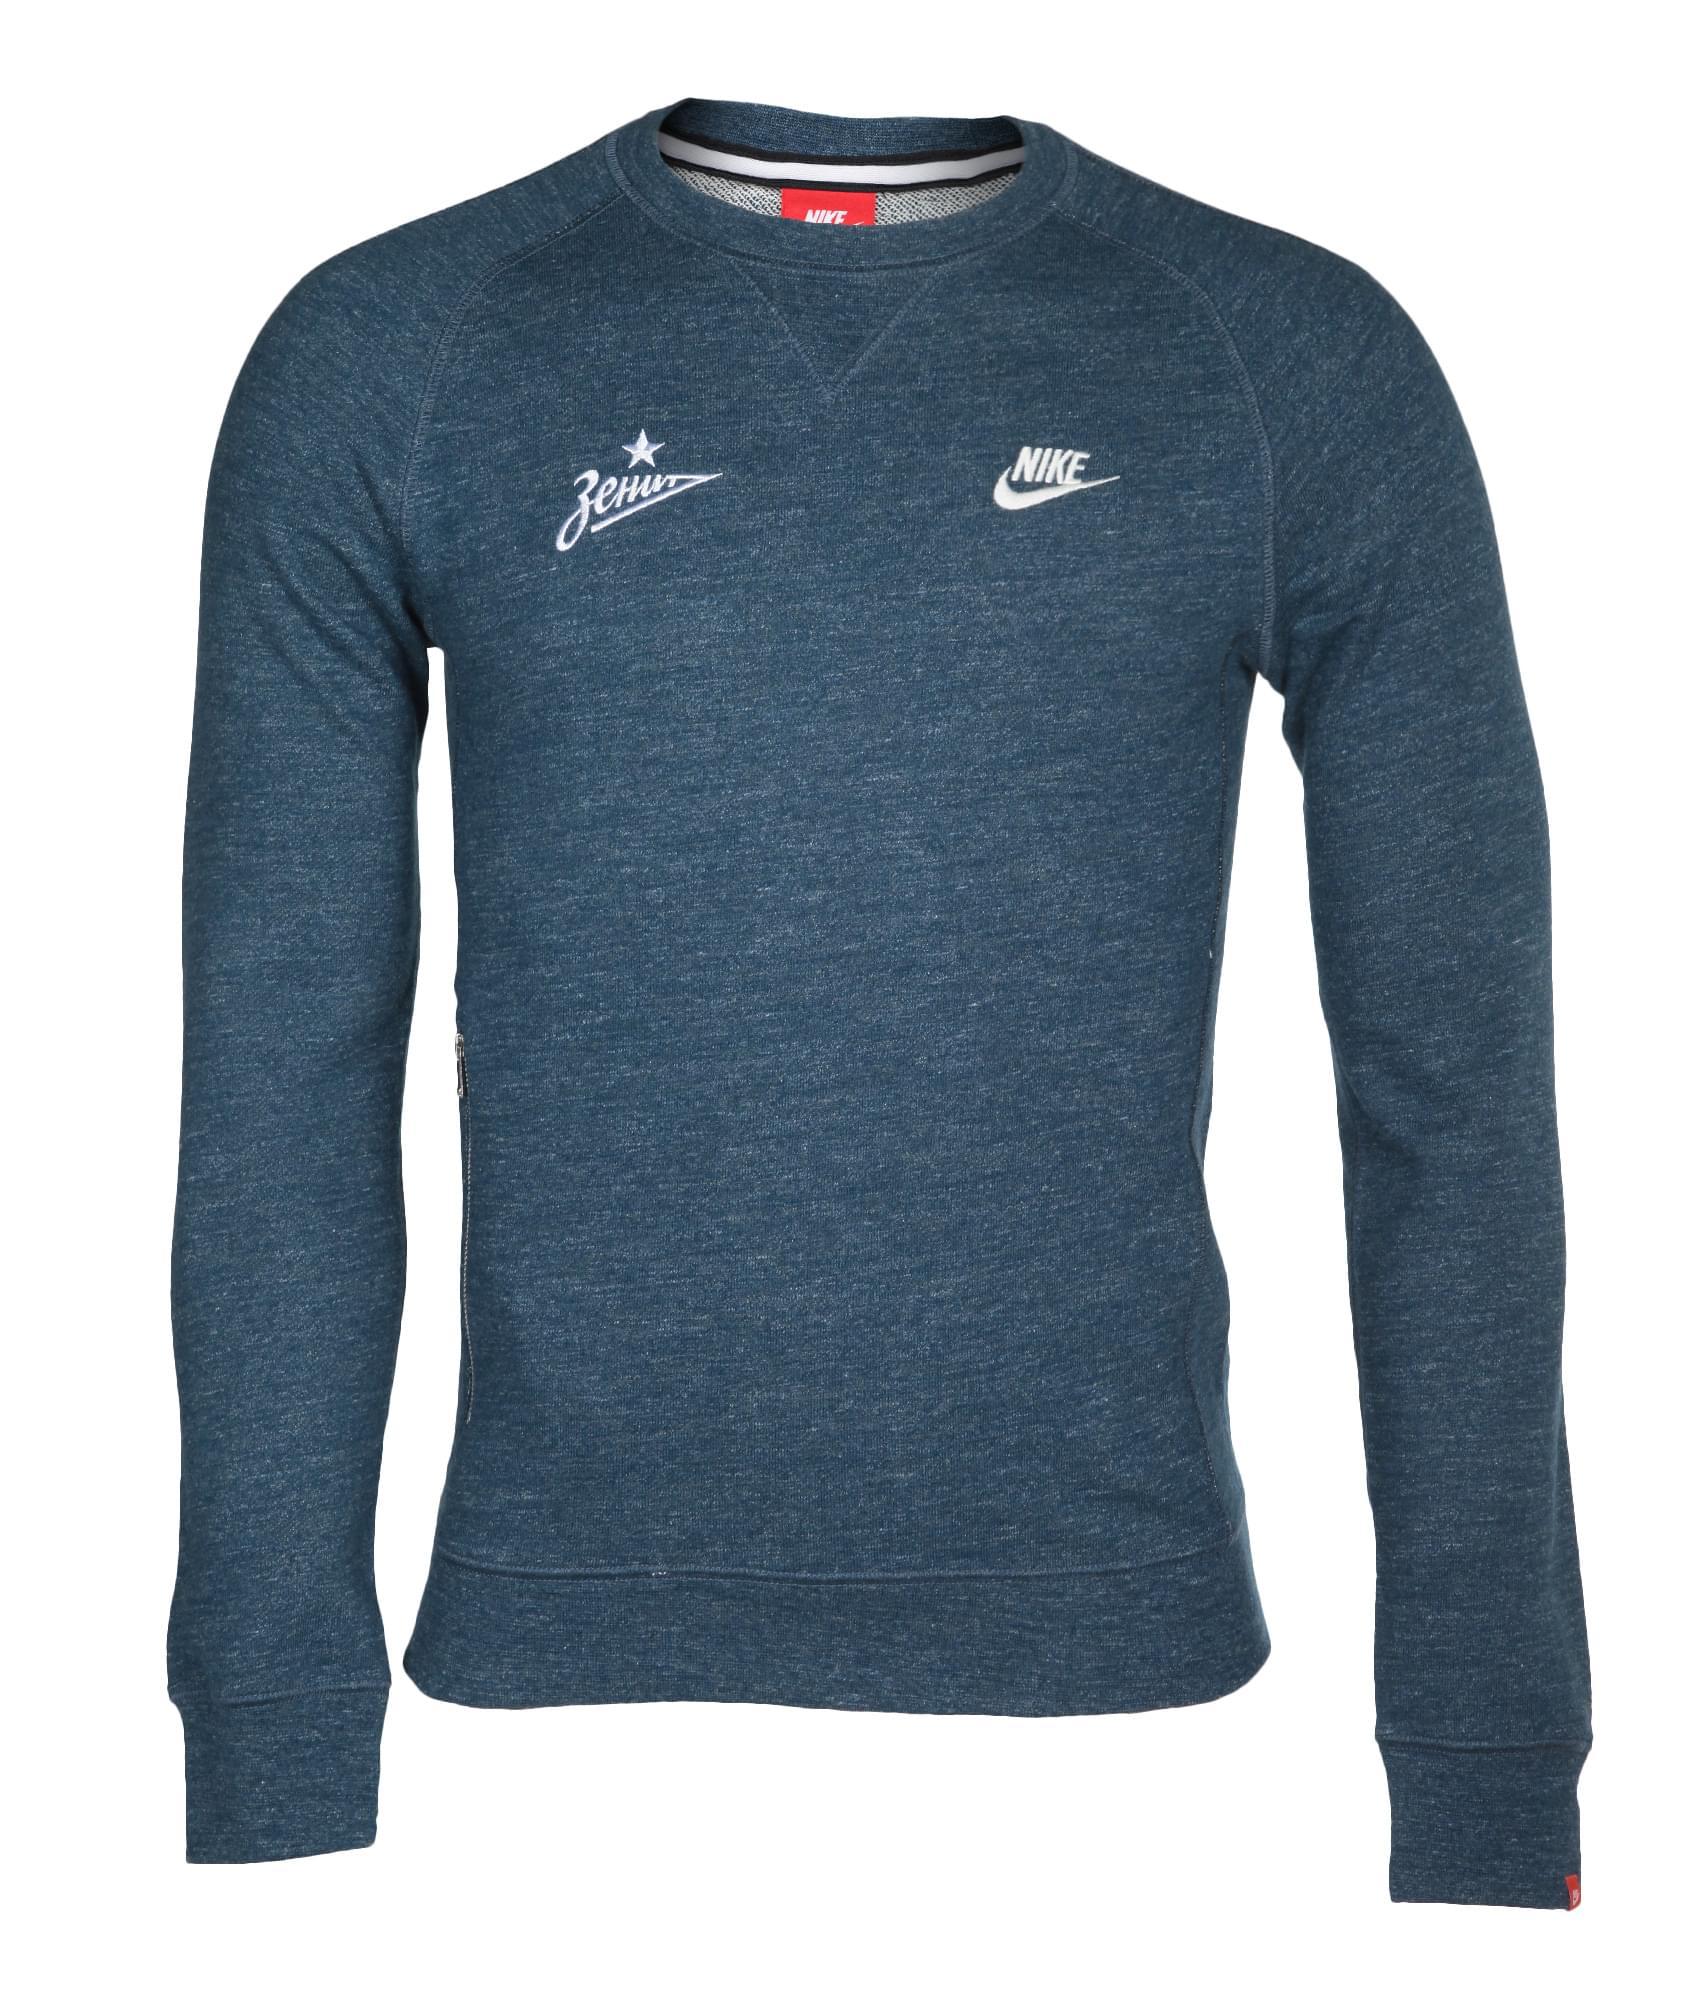 Джемпер Nike, Размер-M спортивные лифчики найк